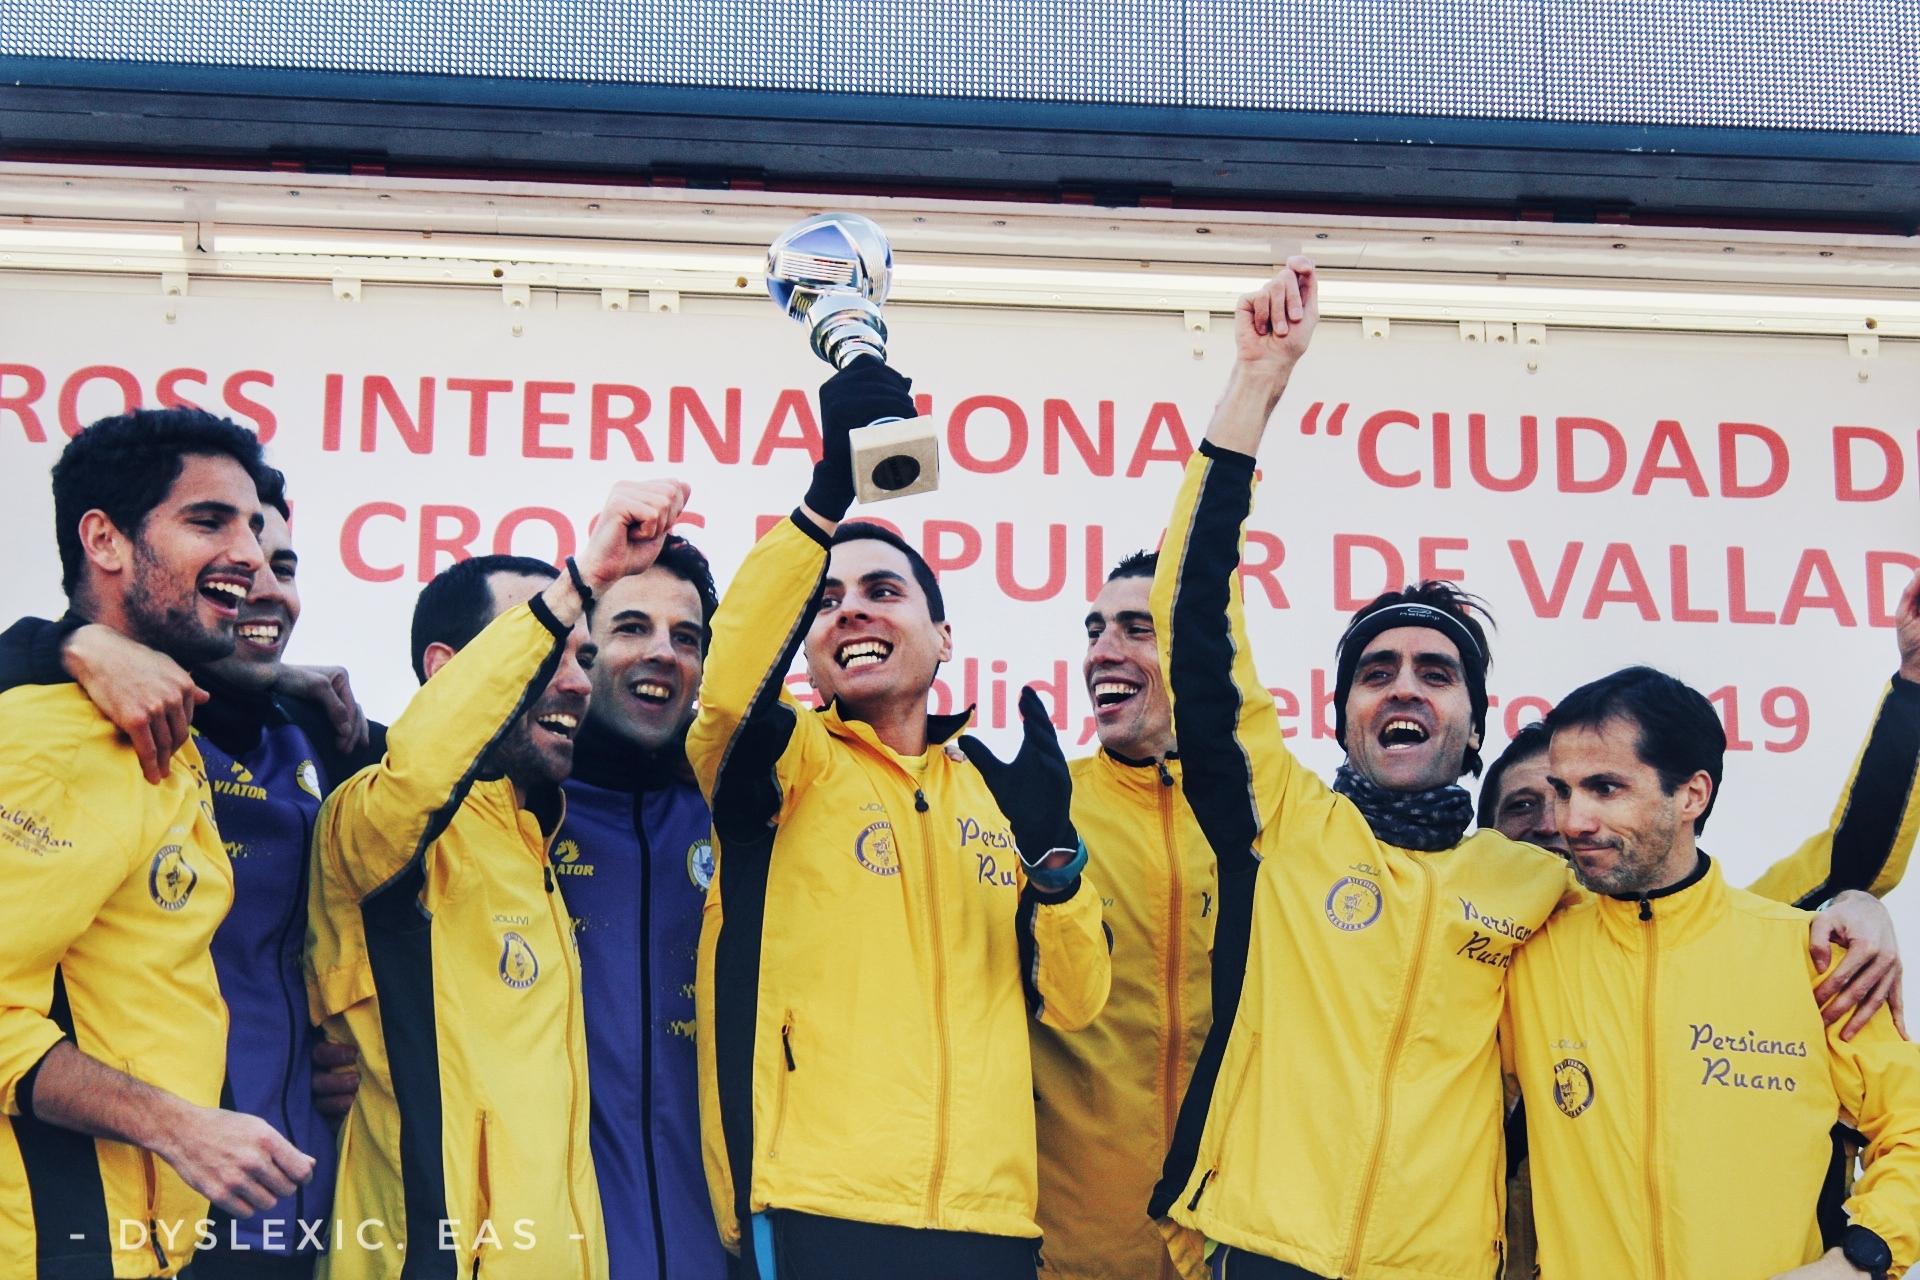 Campeones de Castilla y León de cross por equipos 2019